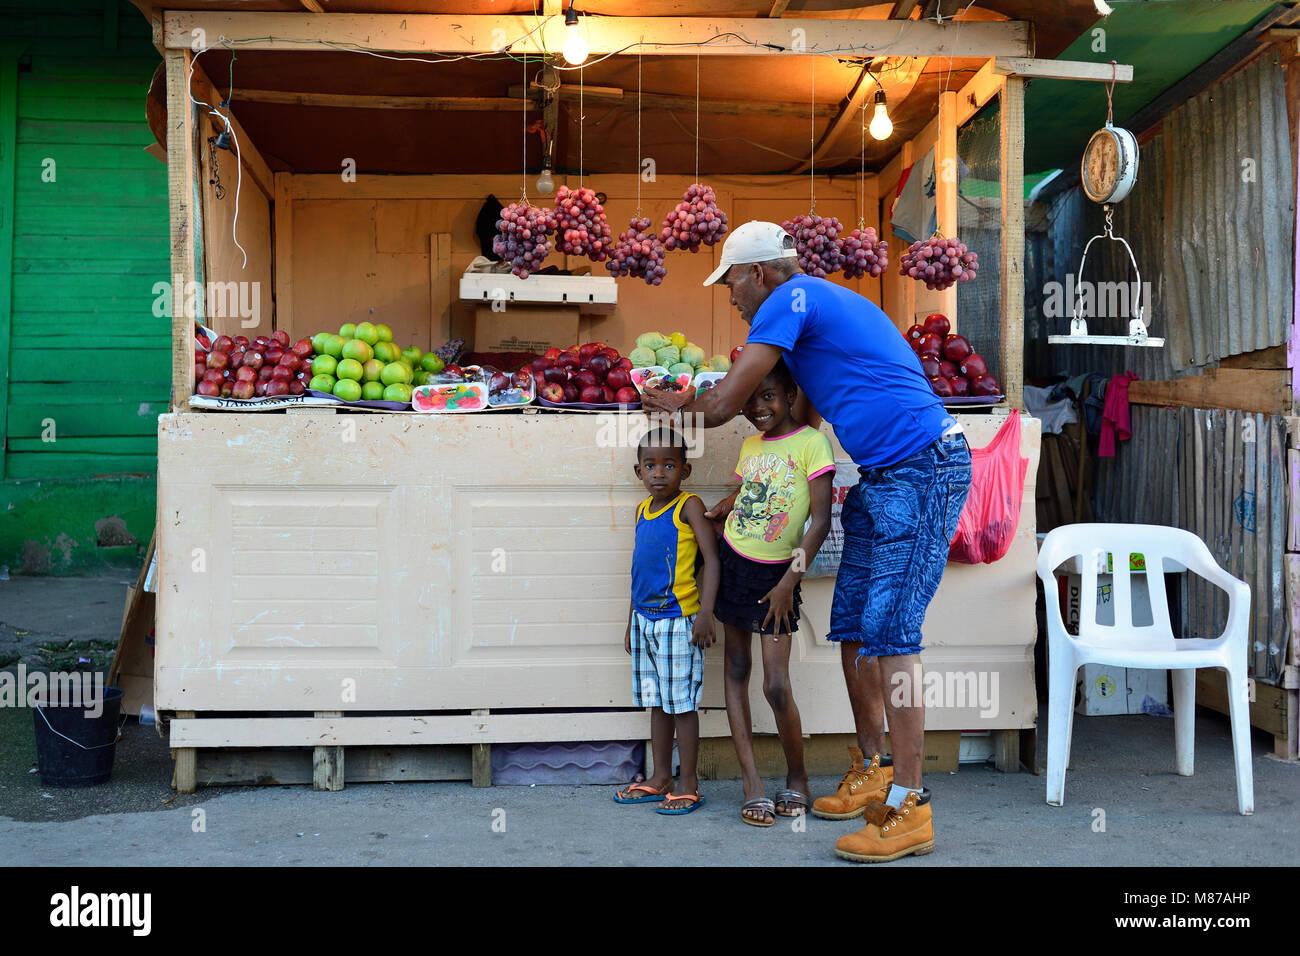 LA ROMANA, DOMINIKANISCHE REPUBLIK - 02. Dezember 2017: Verkäufer der von Obst und Gemüse, die in der Stockbild